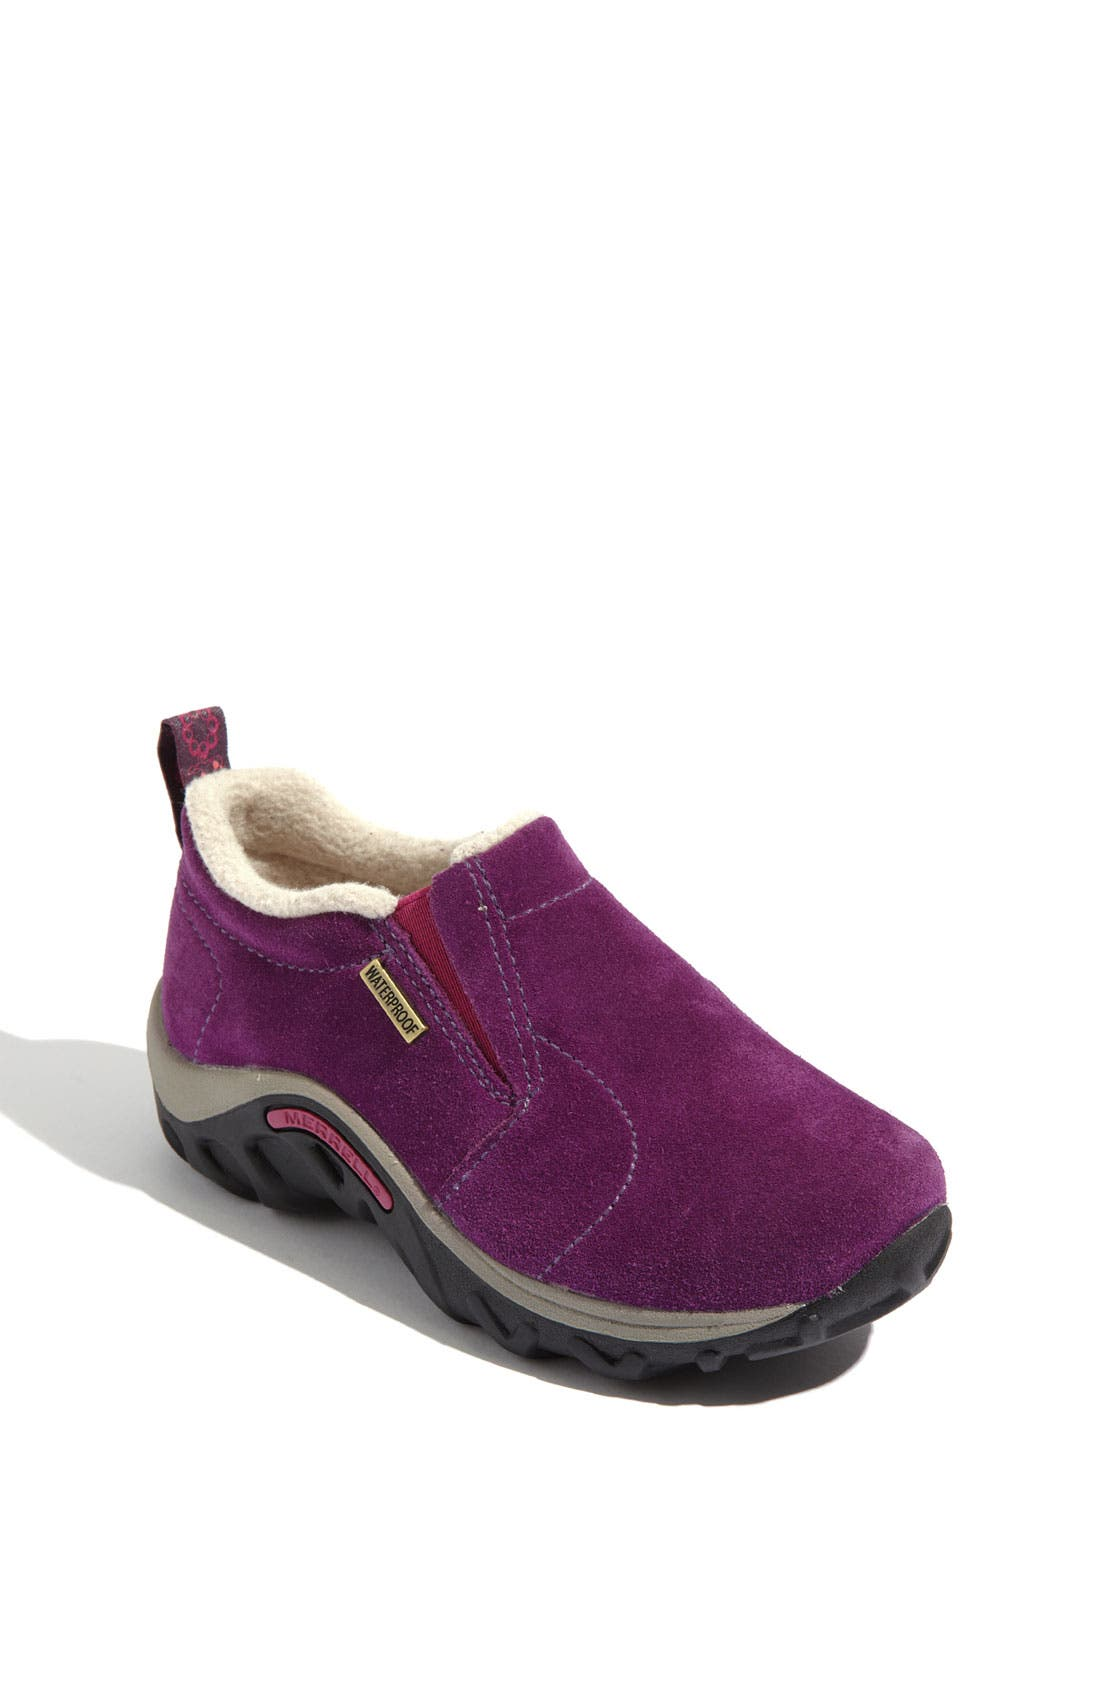 86a0b0f76887 Merrell Women s Shoes